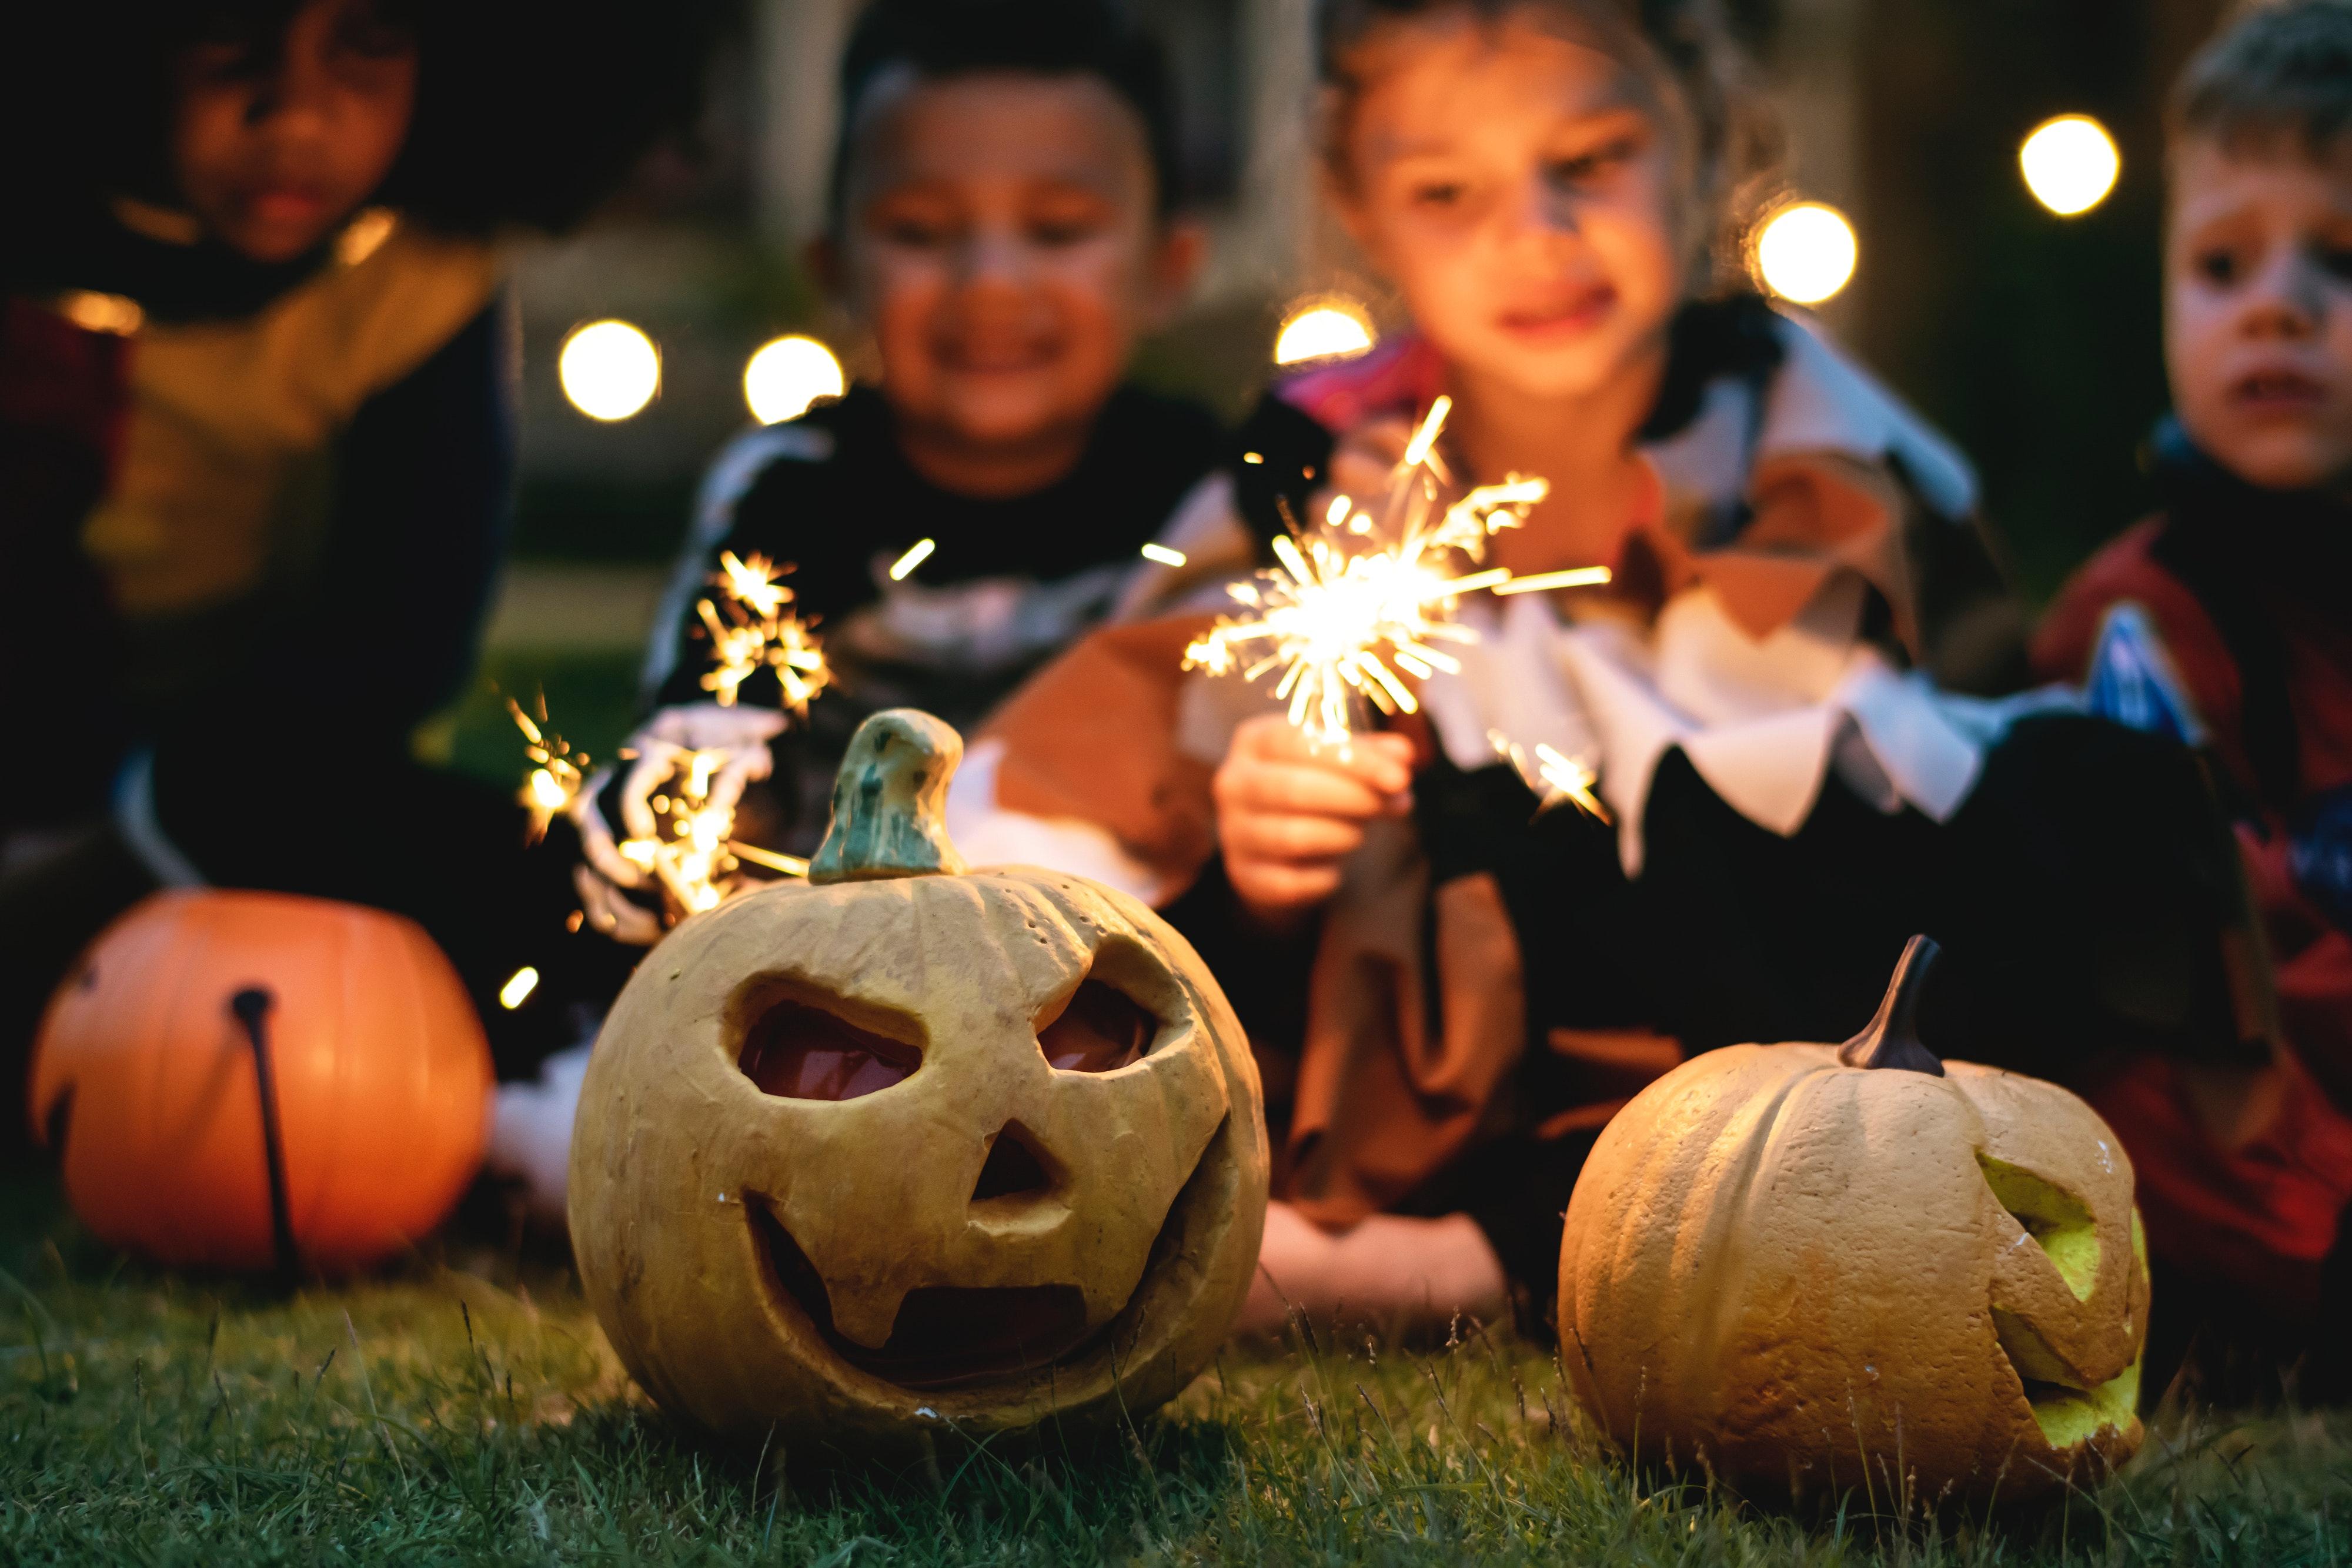 PEXELS FREE boys-carved-pumpkin-celebration-1371178